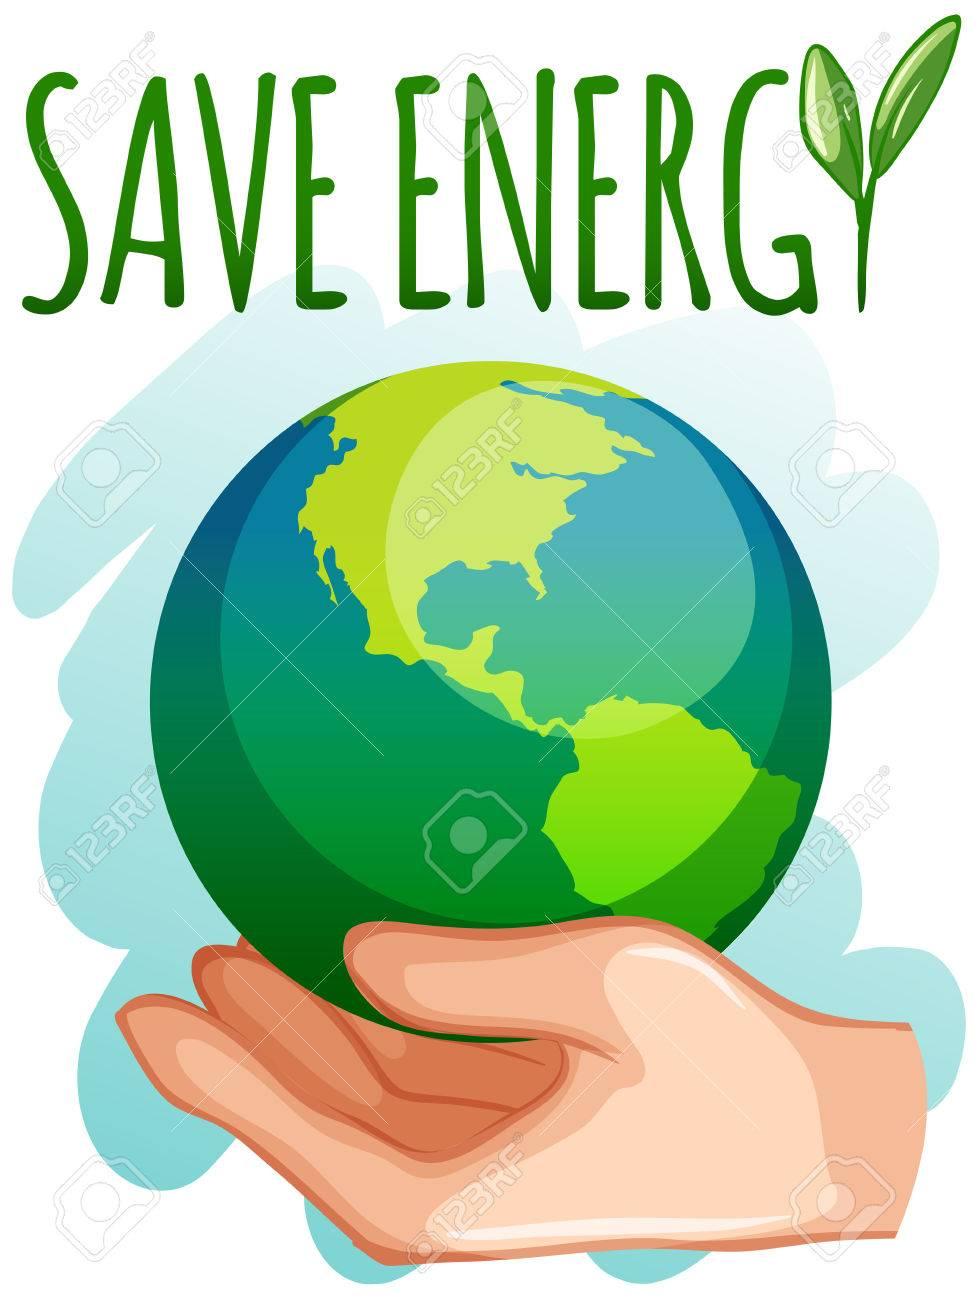 Αποτέλεσμα εικόνας για save energy clipart